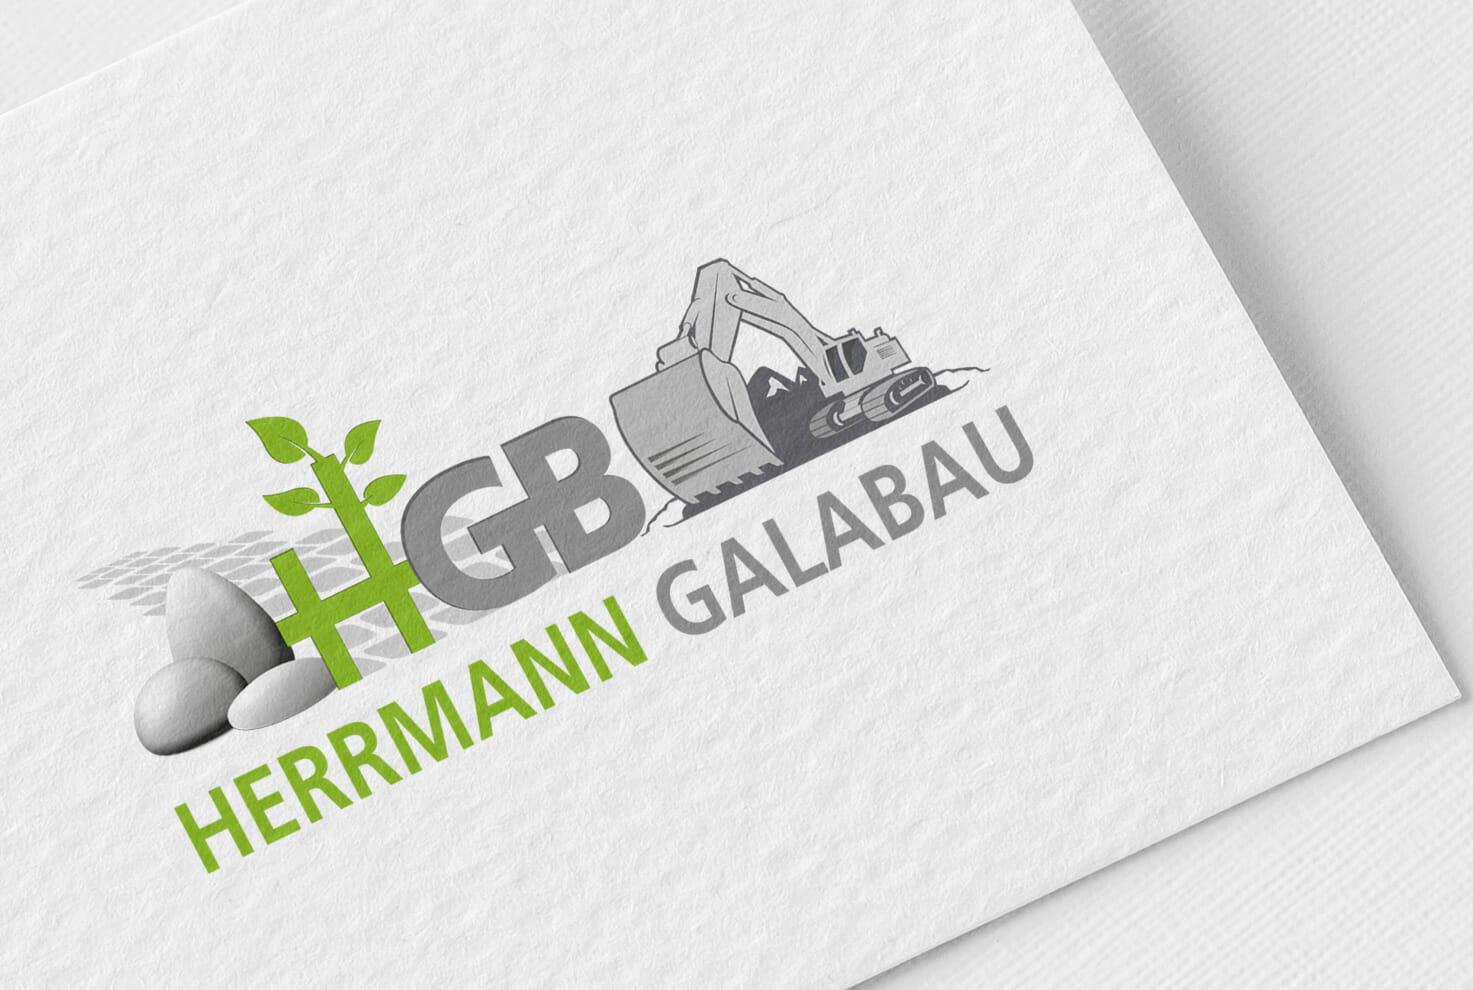 Portfolio Grafikdesign Fürth - Sowiesodesign Fürth